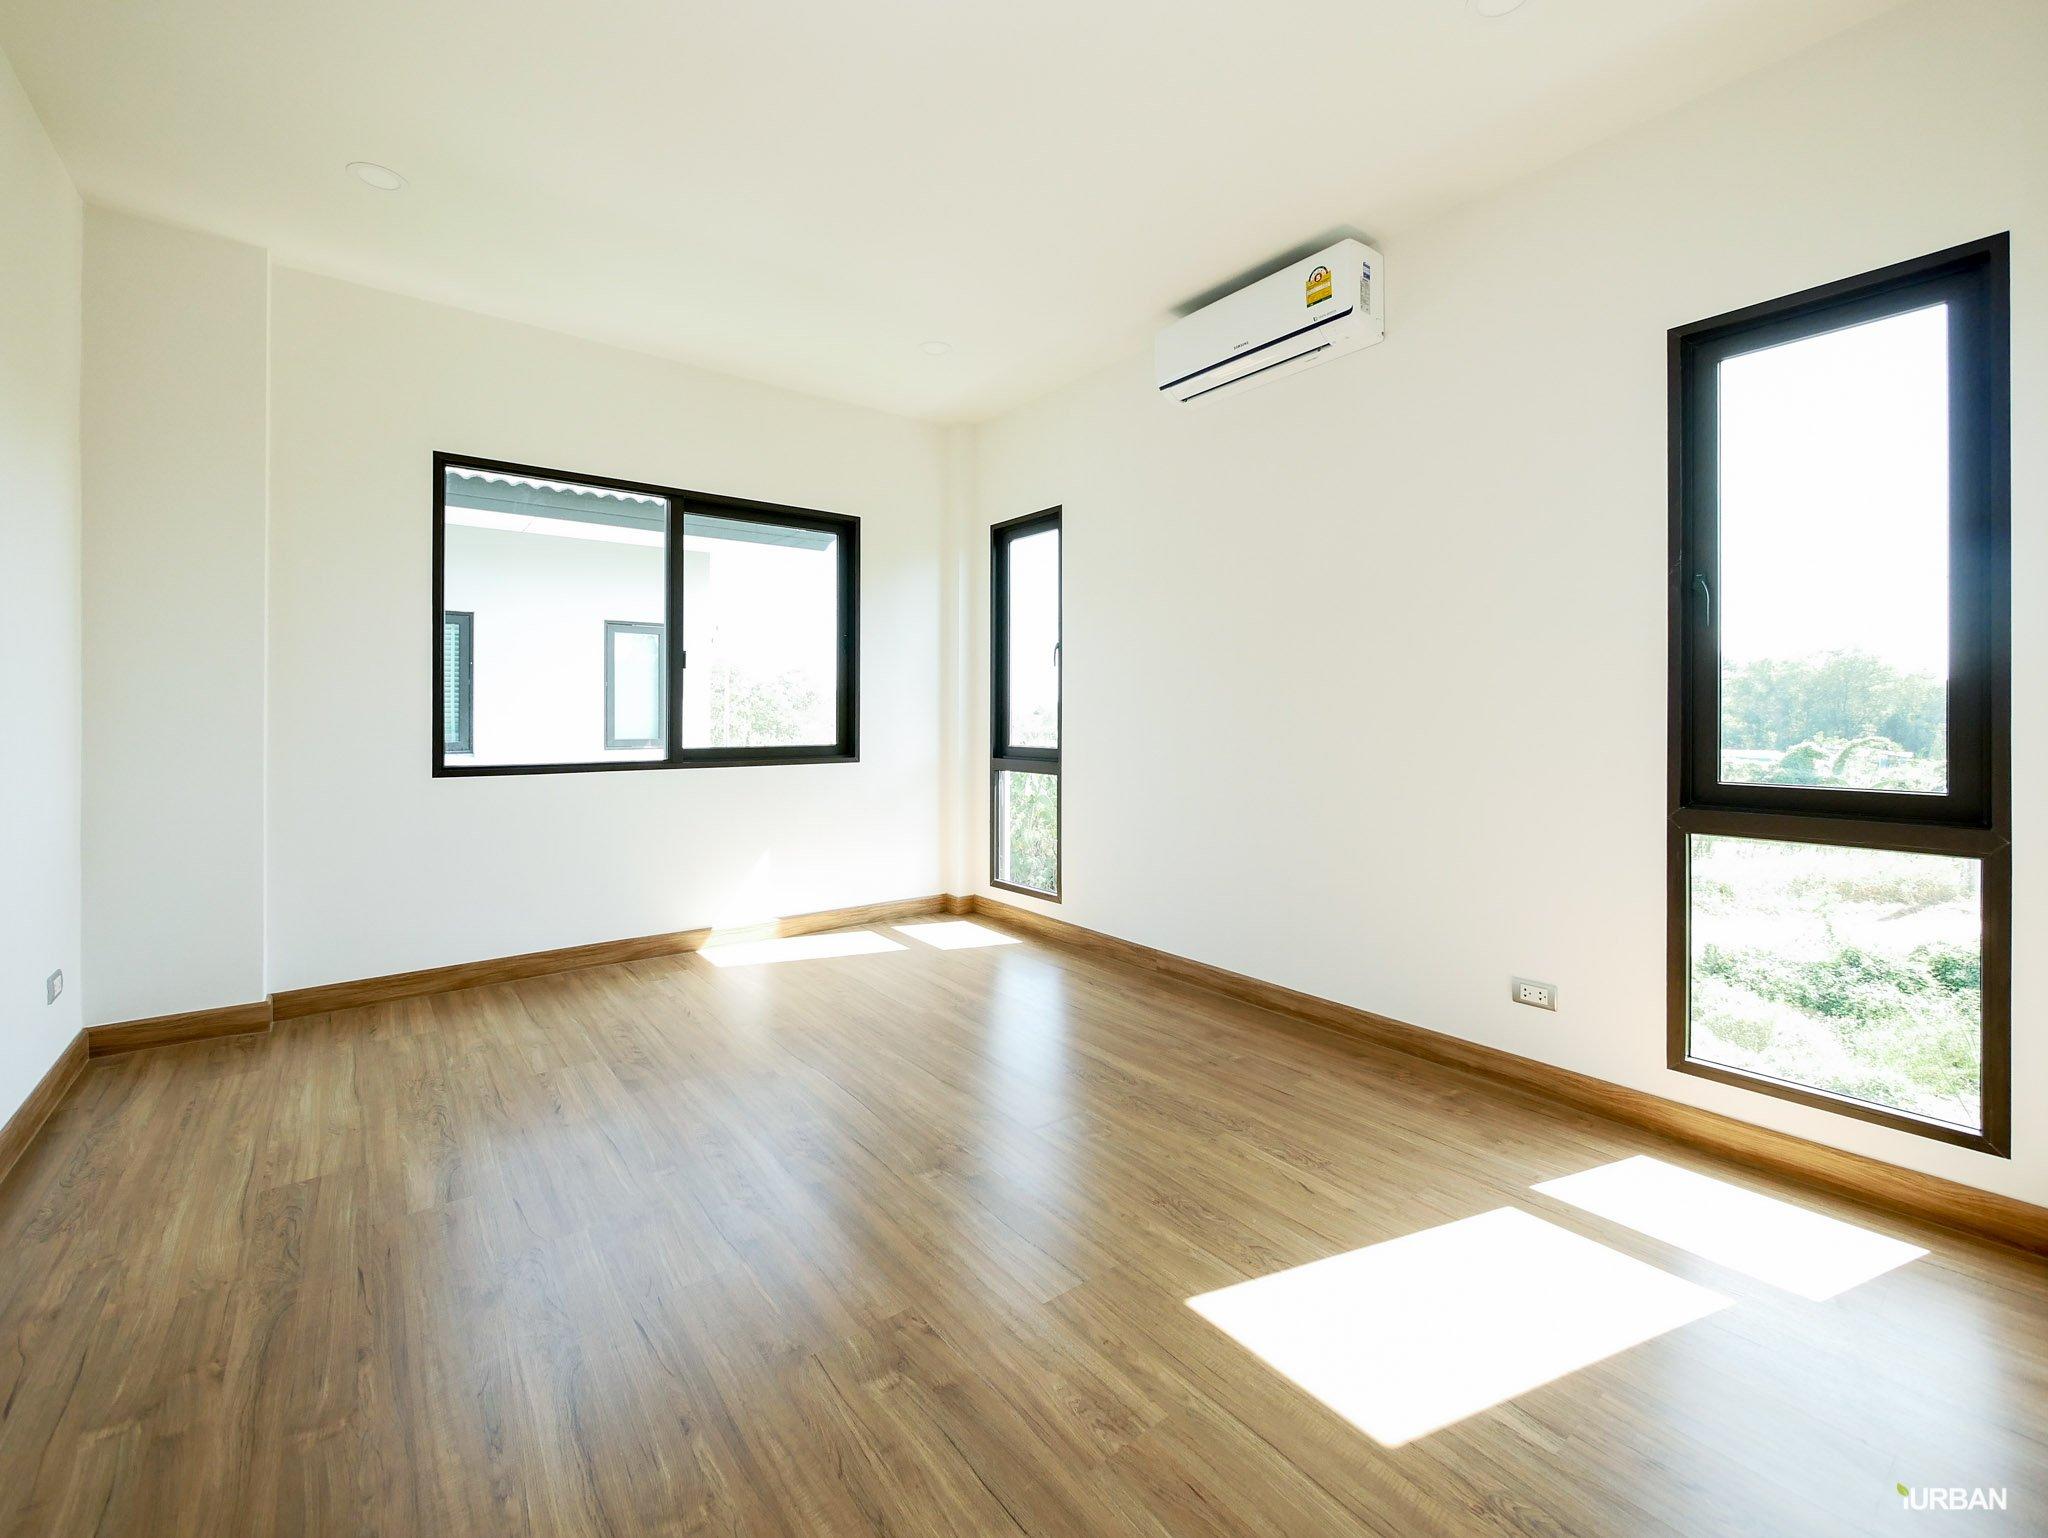 รีวิว CENTRO รามอินทรา-จตุโชติ บ้านเดี่ยวหลังใหญ่ 4 ห้องนอน บนวงแหวน ระดับคุณภาพจากเอพี 112 - AP (Thailand) - เอพี (ไทยแลนด์)